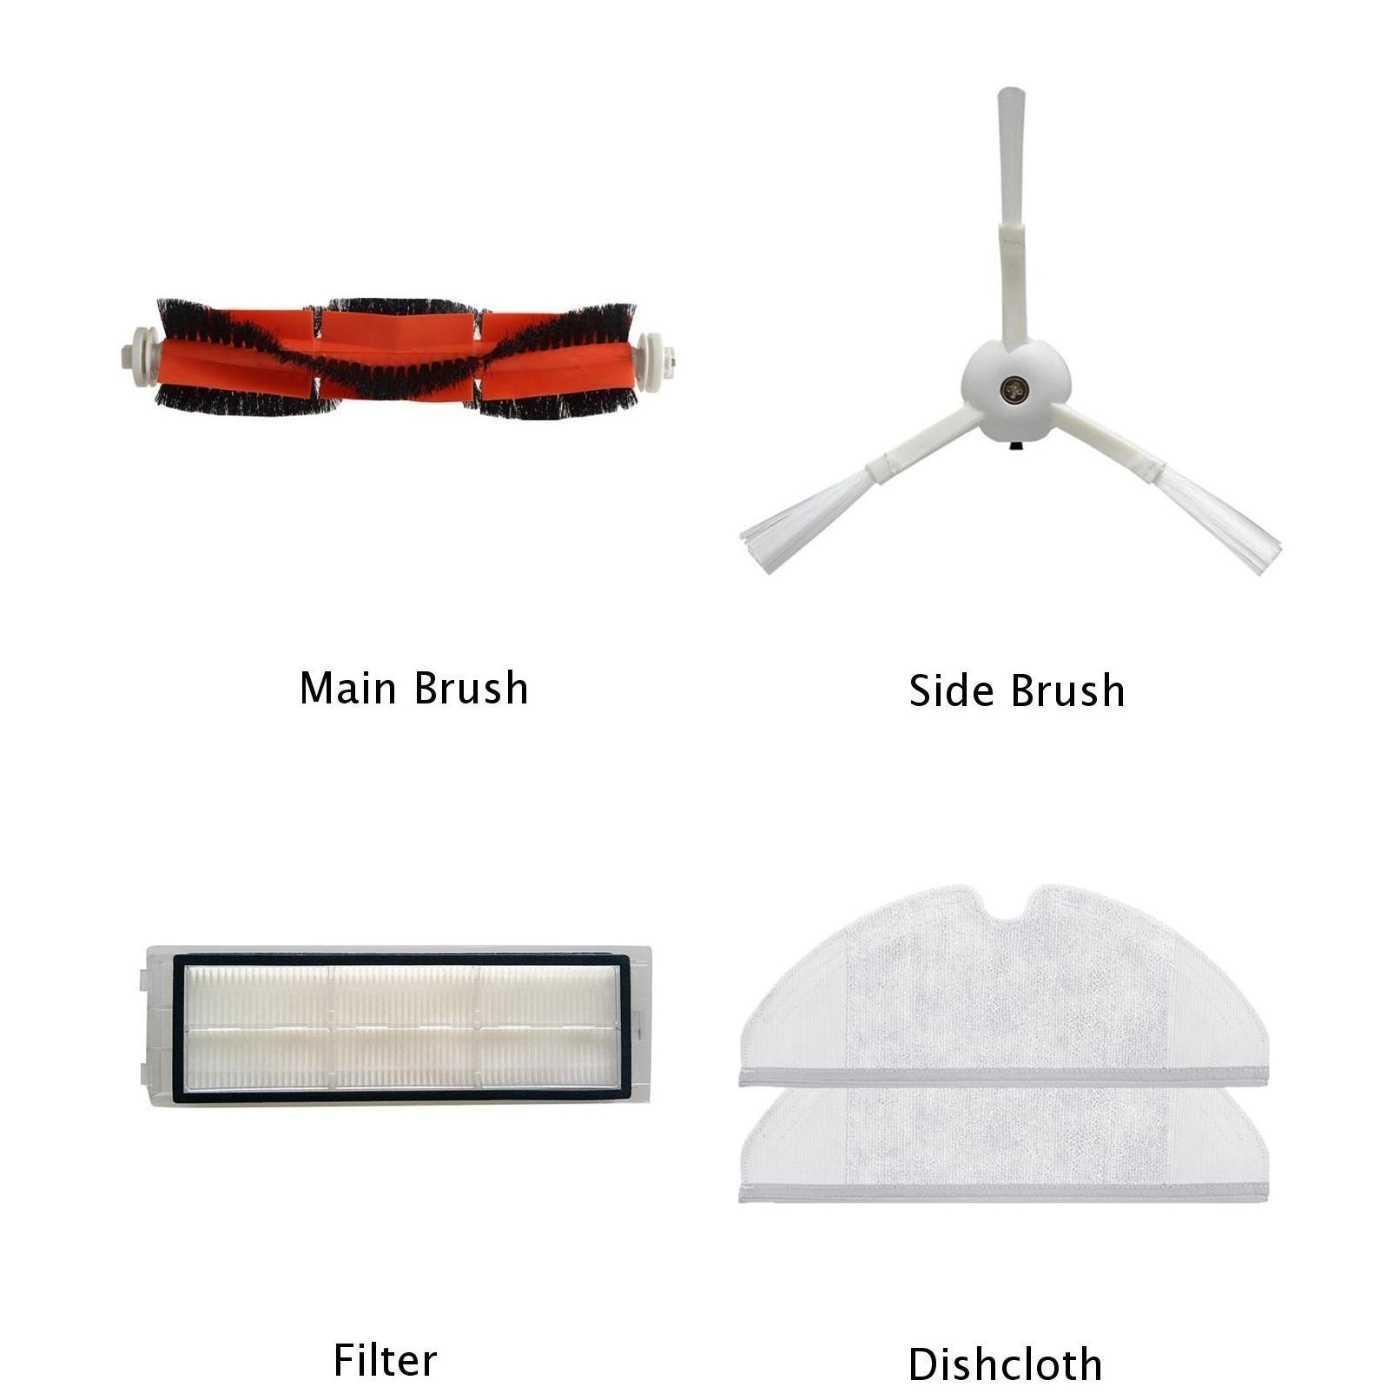 1 X основной щетки боковая щетка фильтр для мытья посуды для Xiaomi Mi Roborock S50 пылесос основной щетки, боковая щетка, фильтр, для мытья посуды